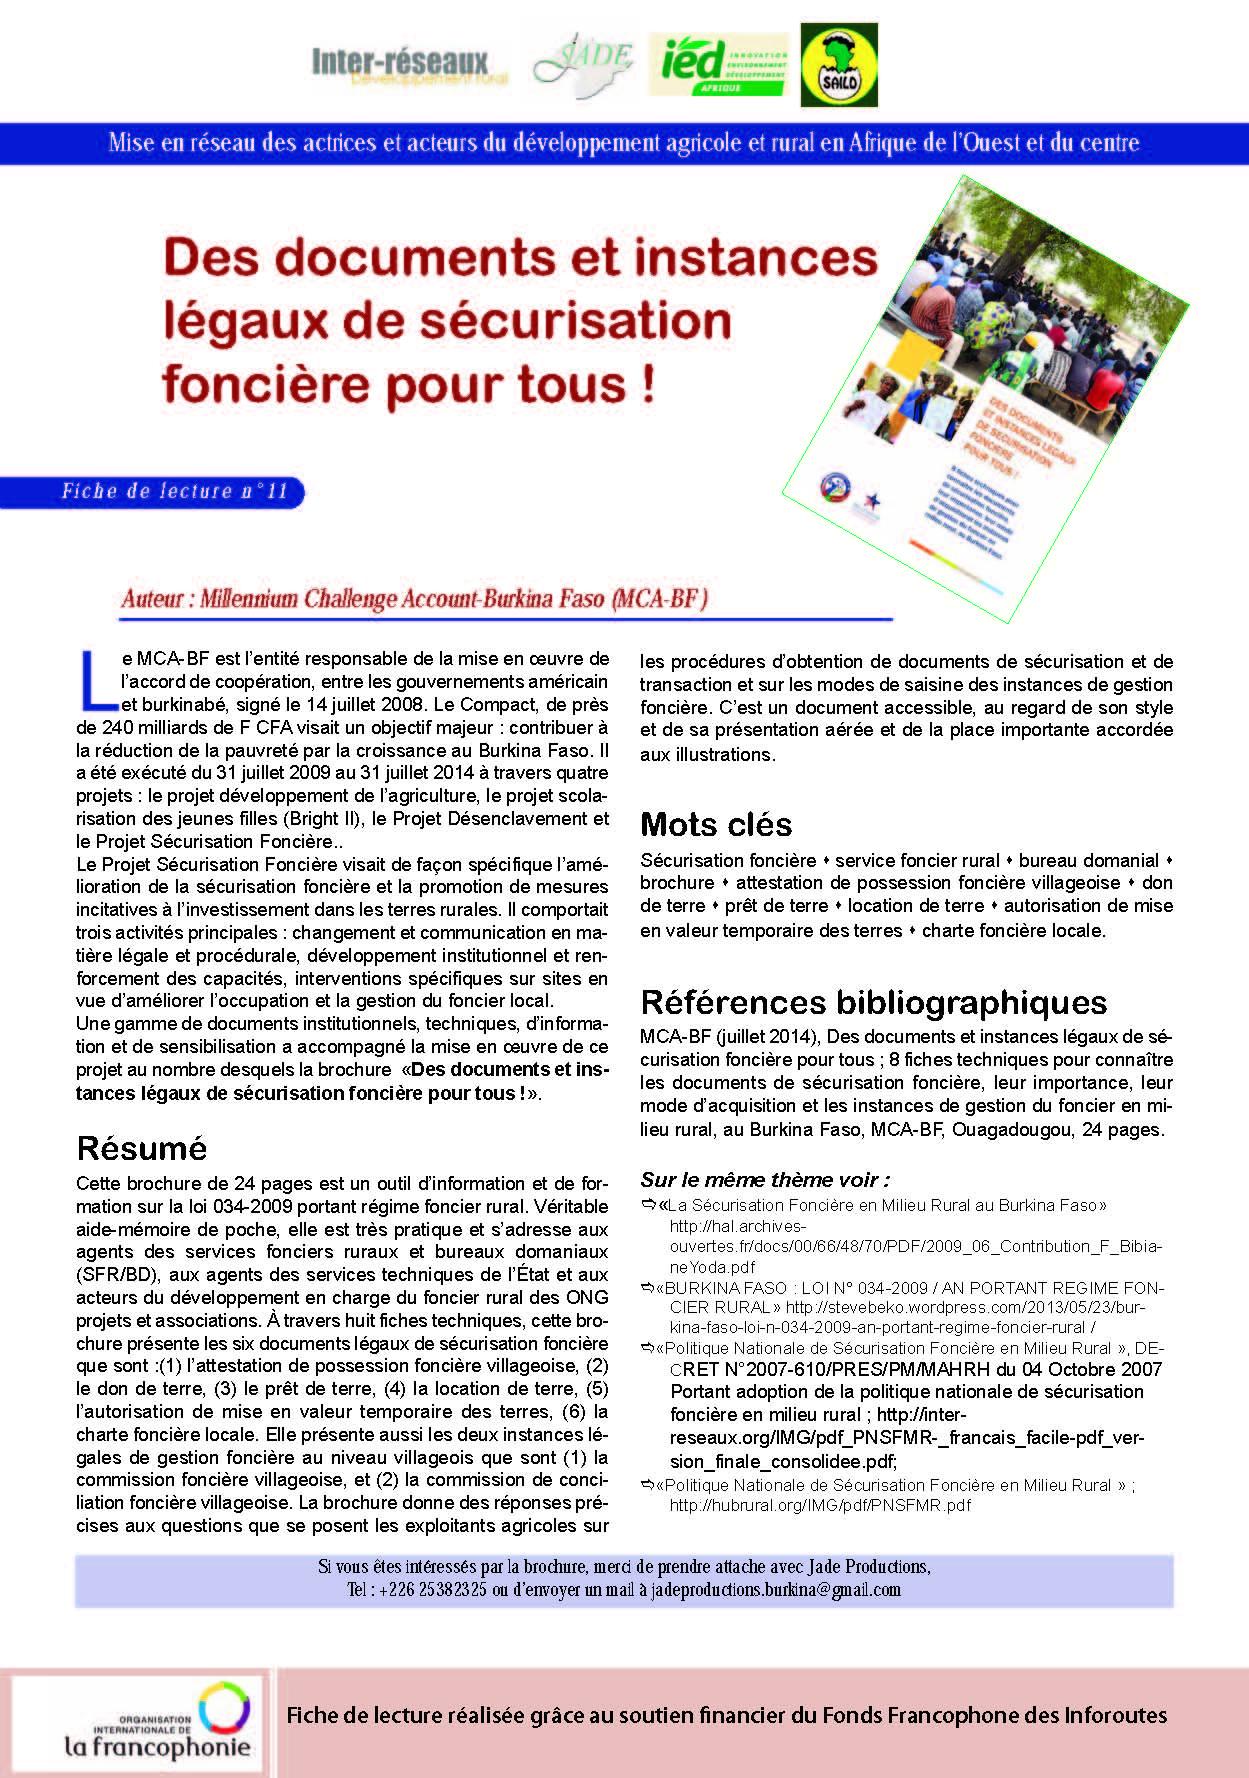 Production de fiches de lectures (Jade Burkina)